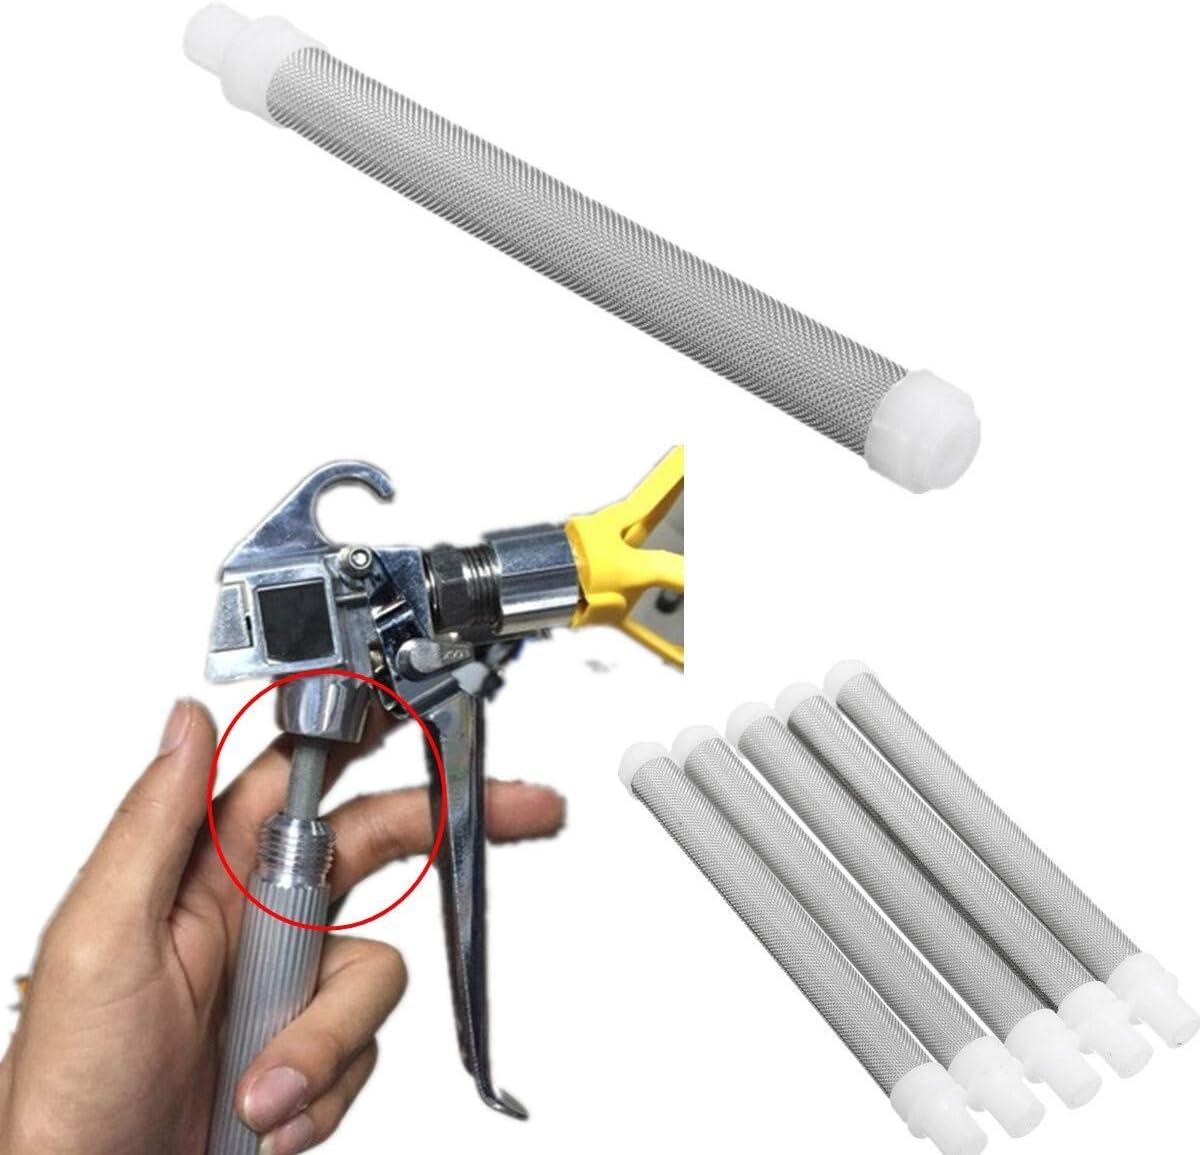 HELEISH 5pcs 60 /él/éments de filtre de pistolet de pulv/érisation sans air maill/é pour pistolet de pulv/érisation de peinture sans air Wagner Outil accessoire